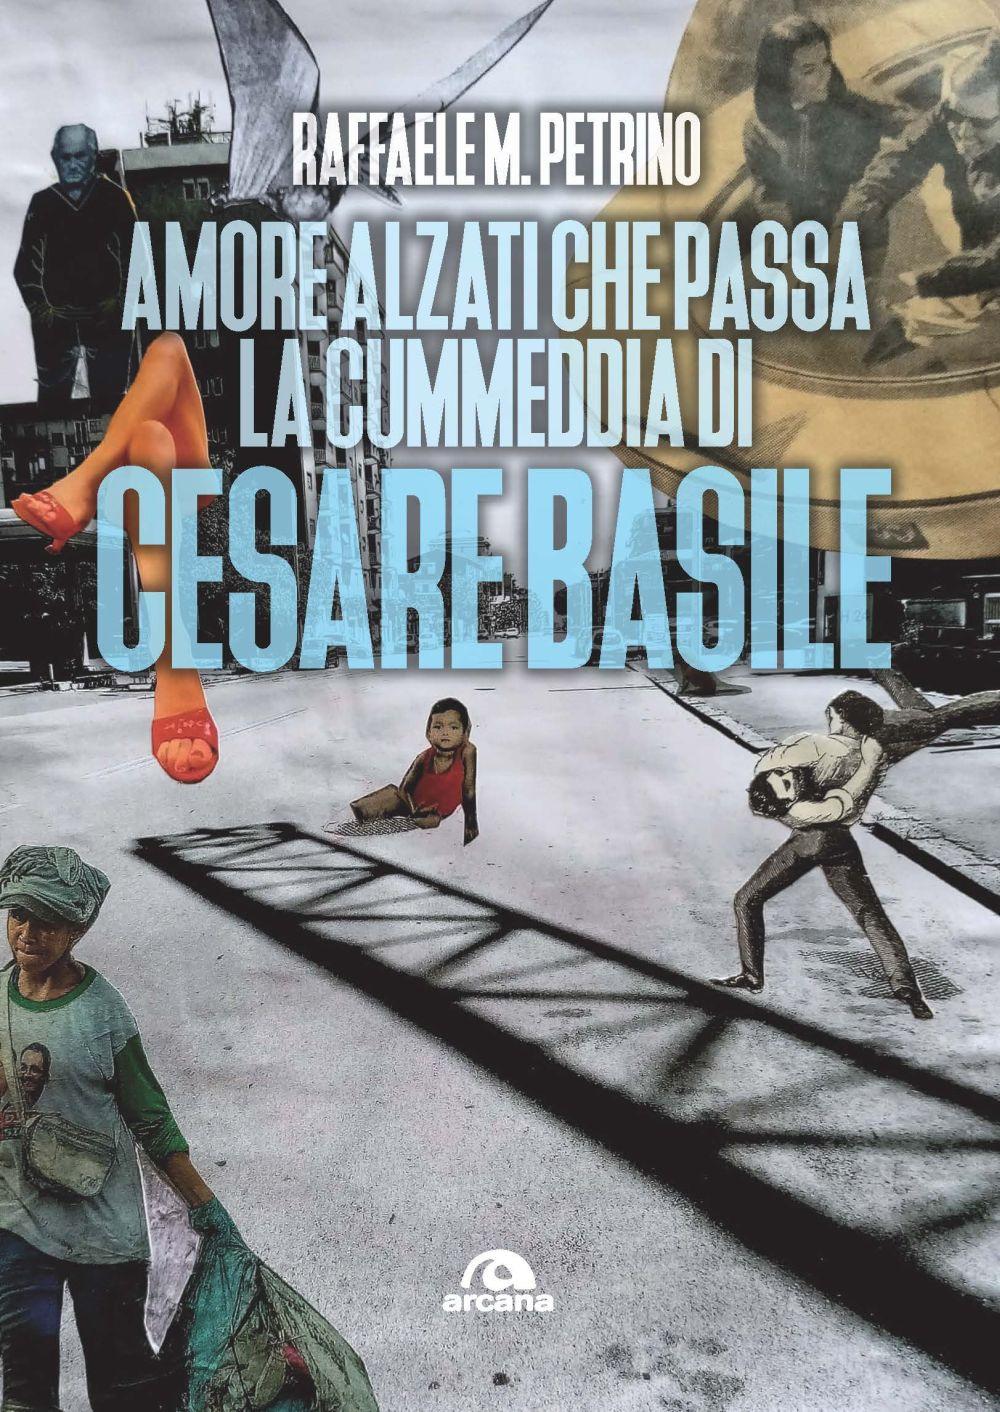 AMORE, ALZATI CHE PASSA LA CUMMEDDIA DI CESARE BASILE - Petrino Raffaele M. - 9788862319768